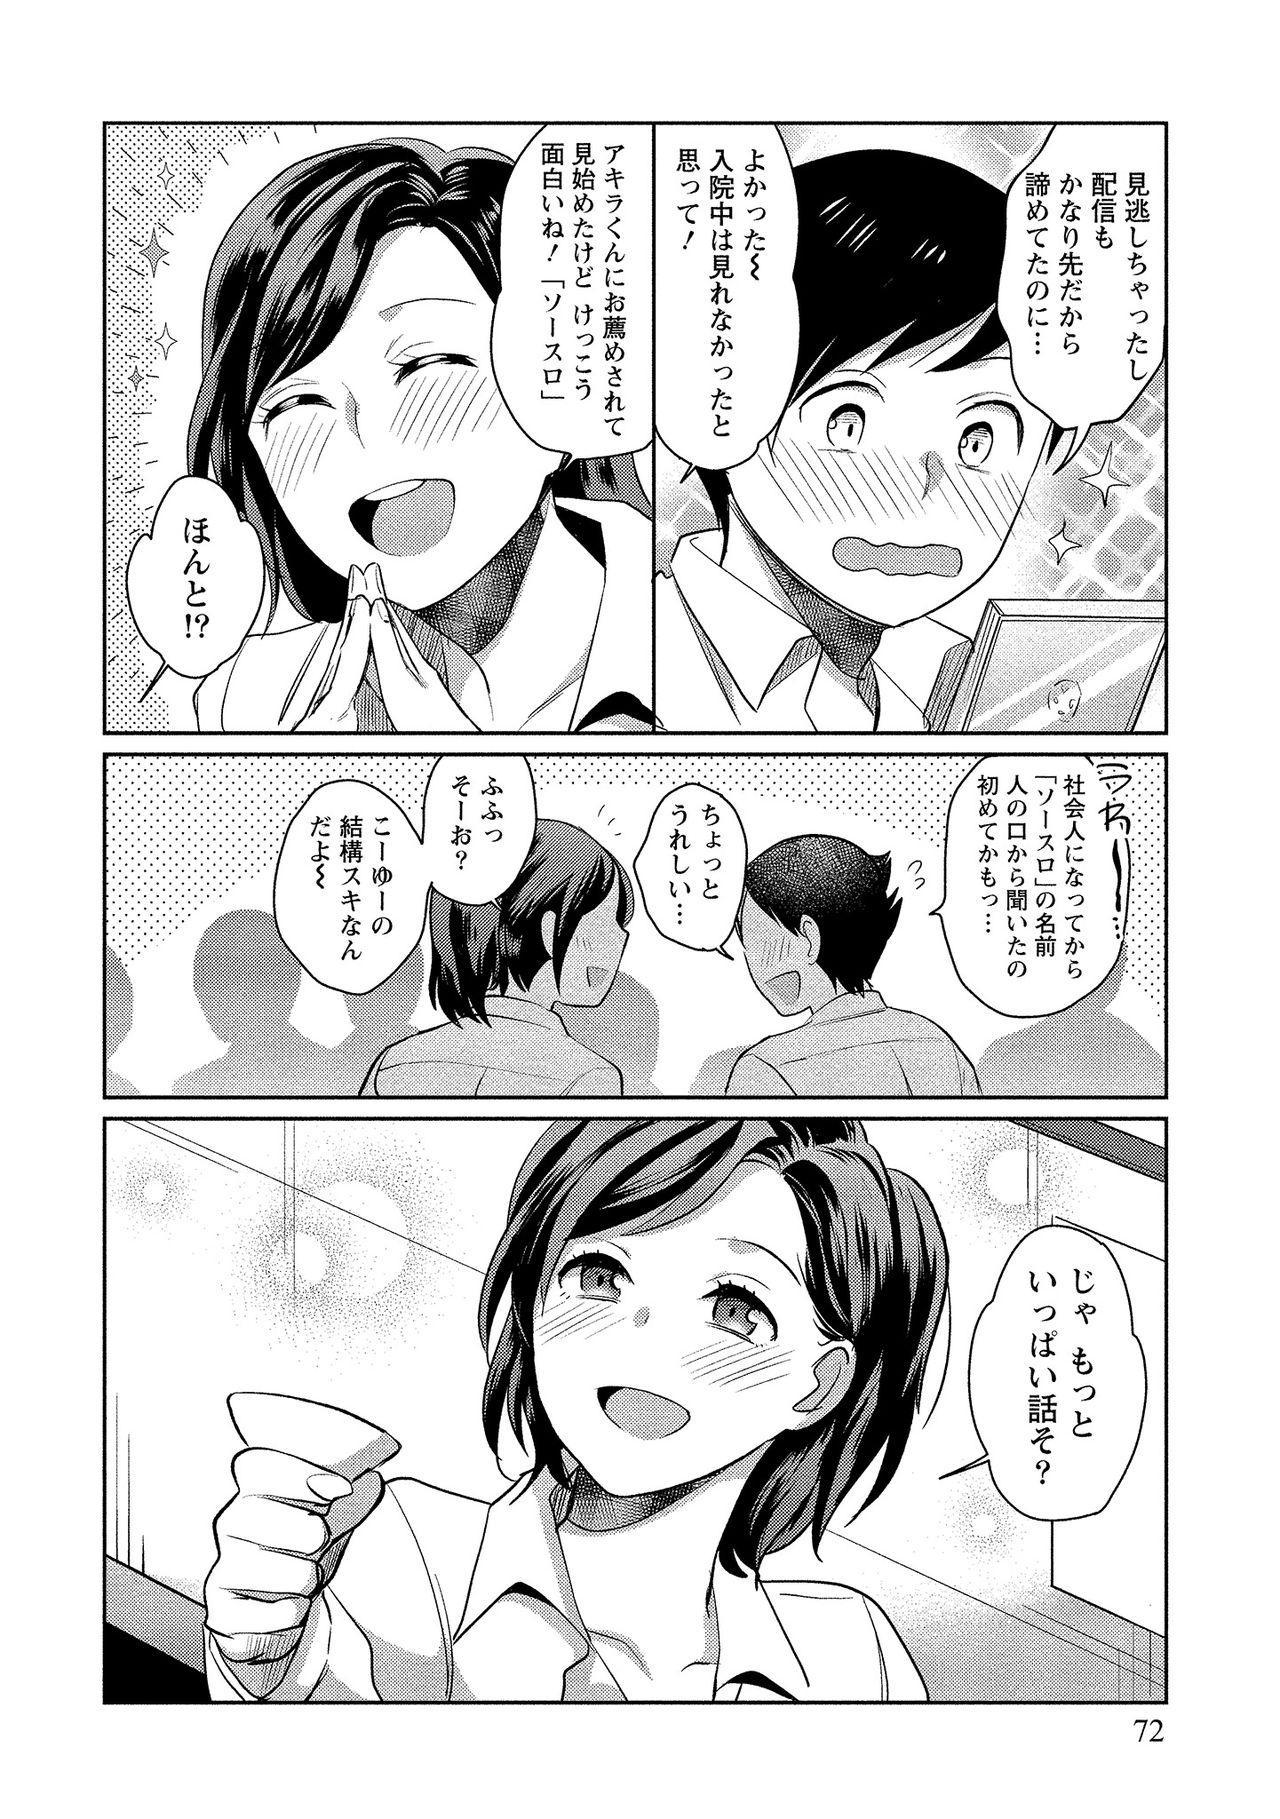 Dorobou Neko wa Kanojo no Hajimari 72